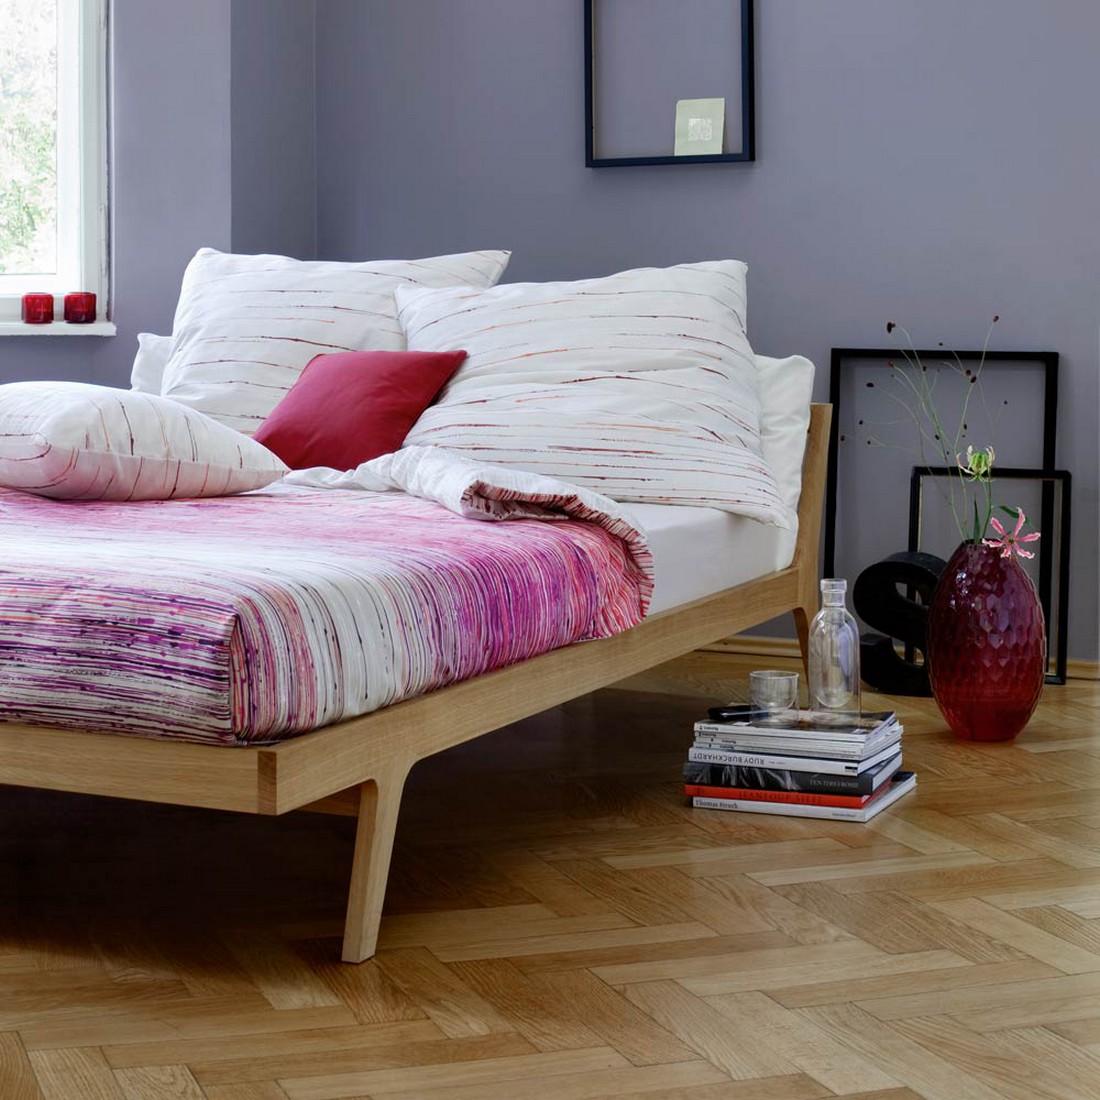 Bettwäsche – Indian Summer Red – Baumwolle – Violett – Kopfkissenbezug einzeln 40×40 cm, Escada günstig bestellen